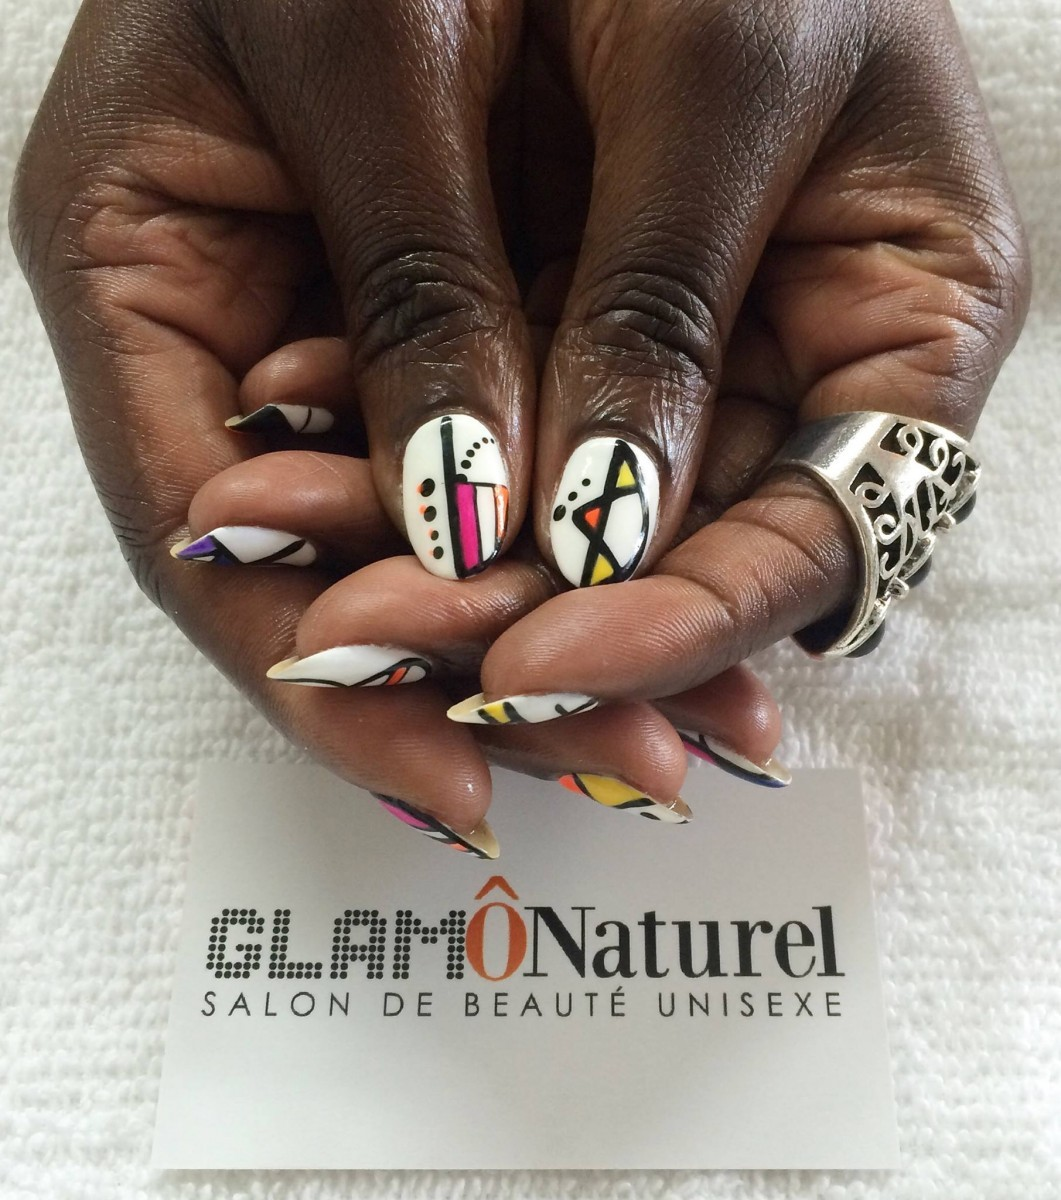 Salon GLAM Ô Naturel